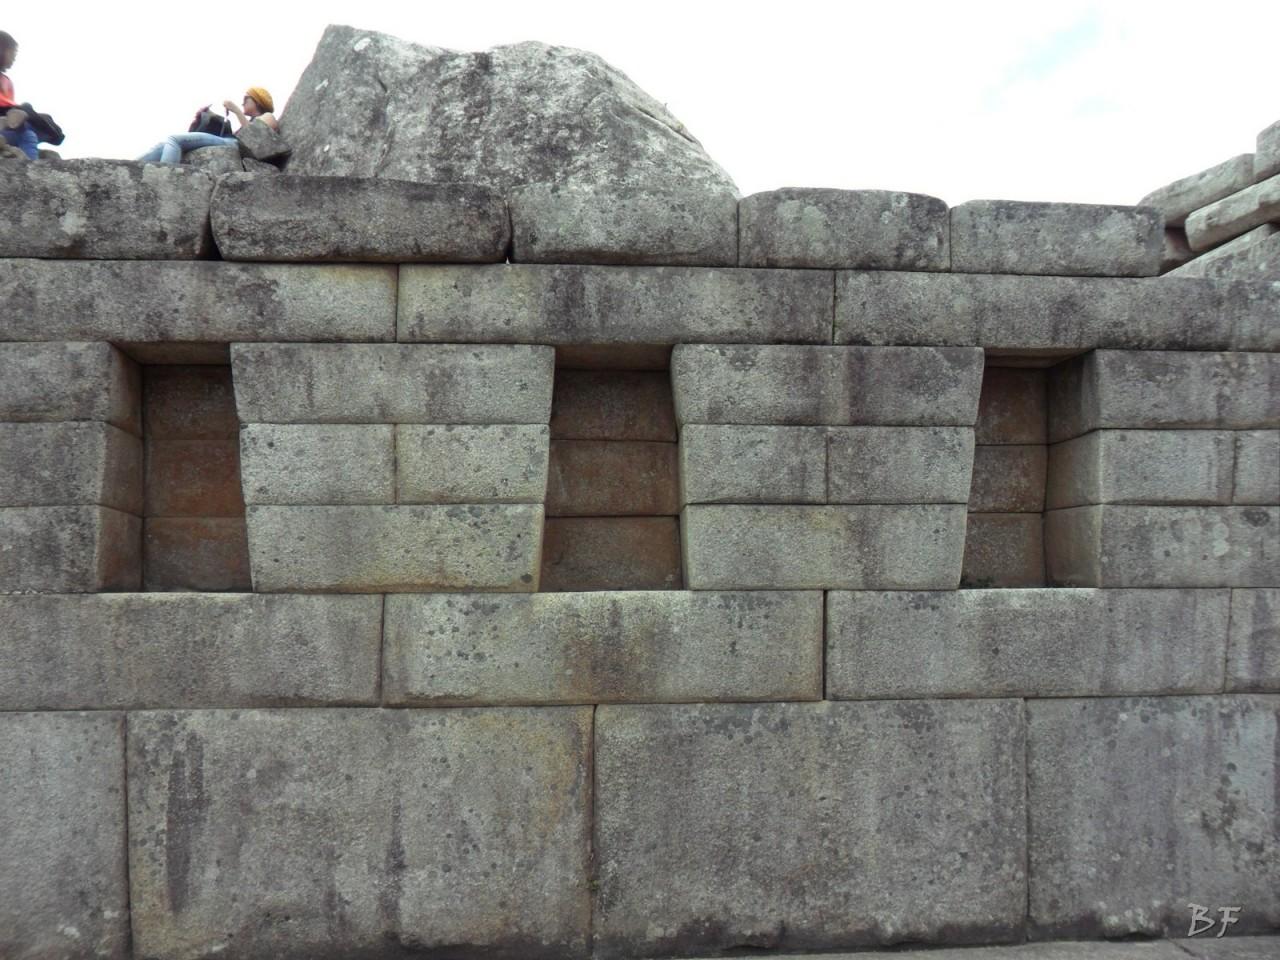 Mura-Poligonali-Incisioni-Altari-Edifici-Rupestri-Megaliti-Machu-Picchu-Aguas-Calientes-Urubamba-Cusco-Perù-111